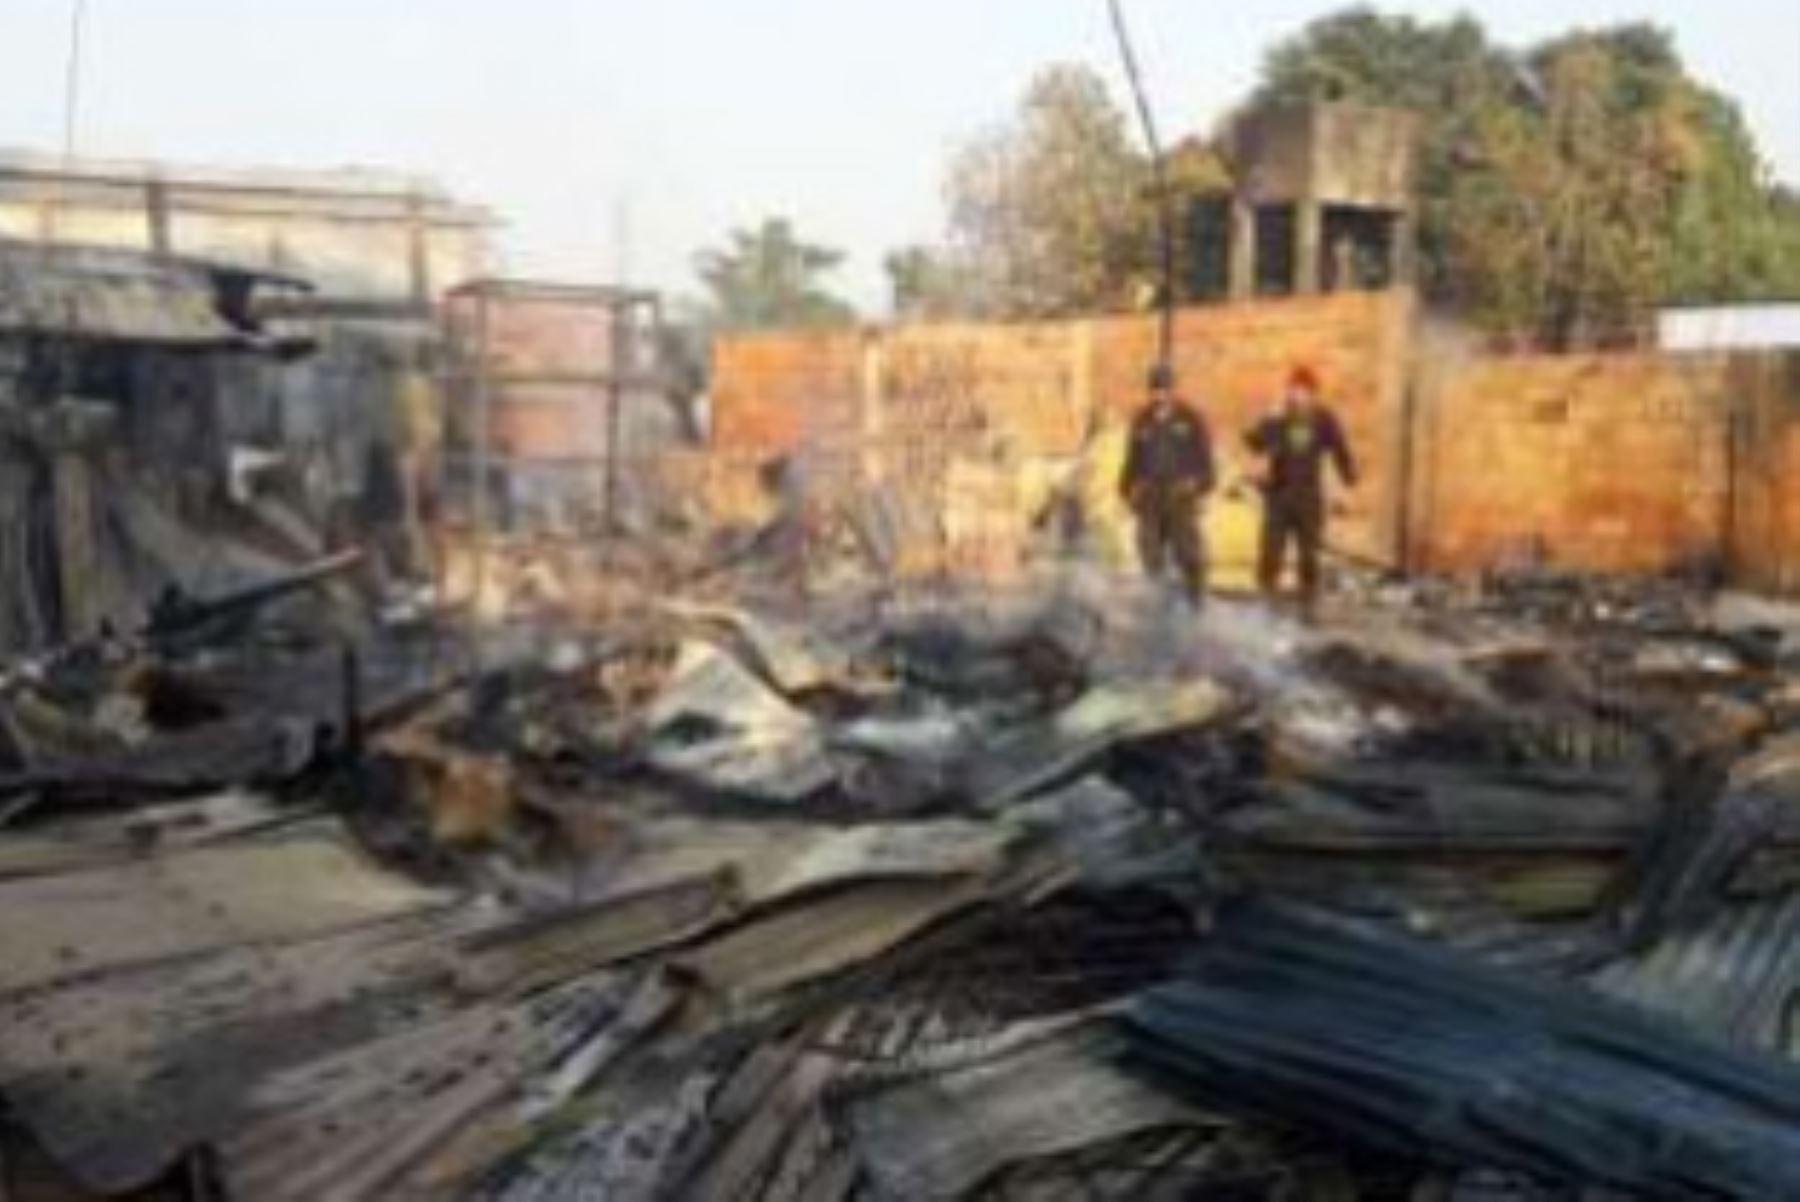 Efectivos de la Compañía de Bomberos de Pucallpa Nº 46 extinguieron el incendio reistrado en el distrito Callería, región Ucayali.